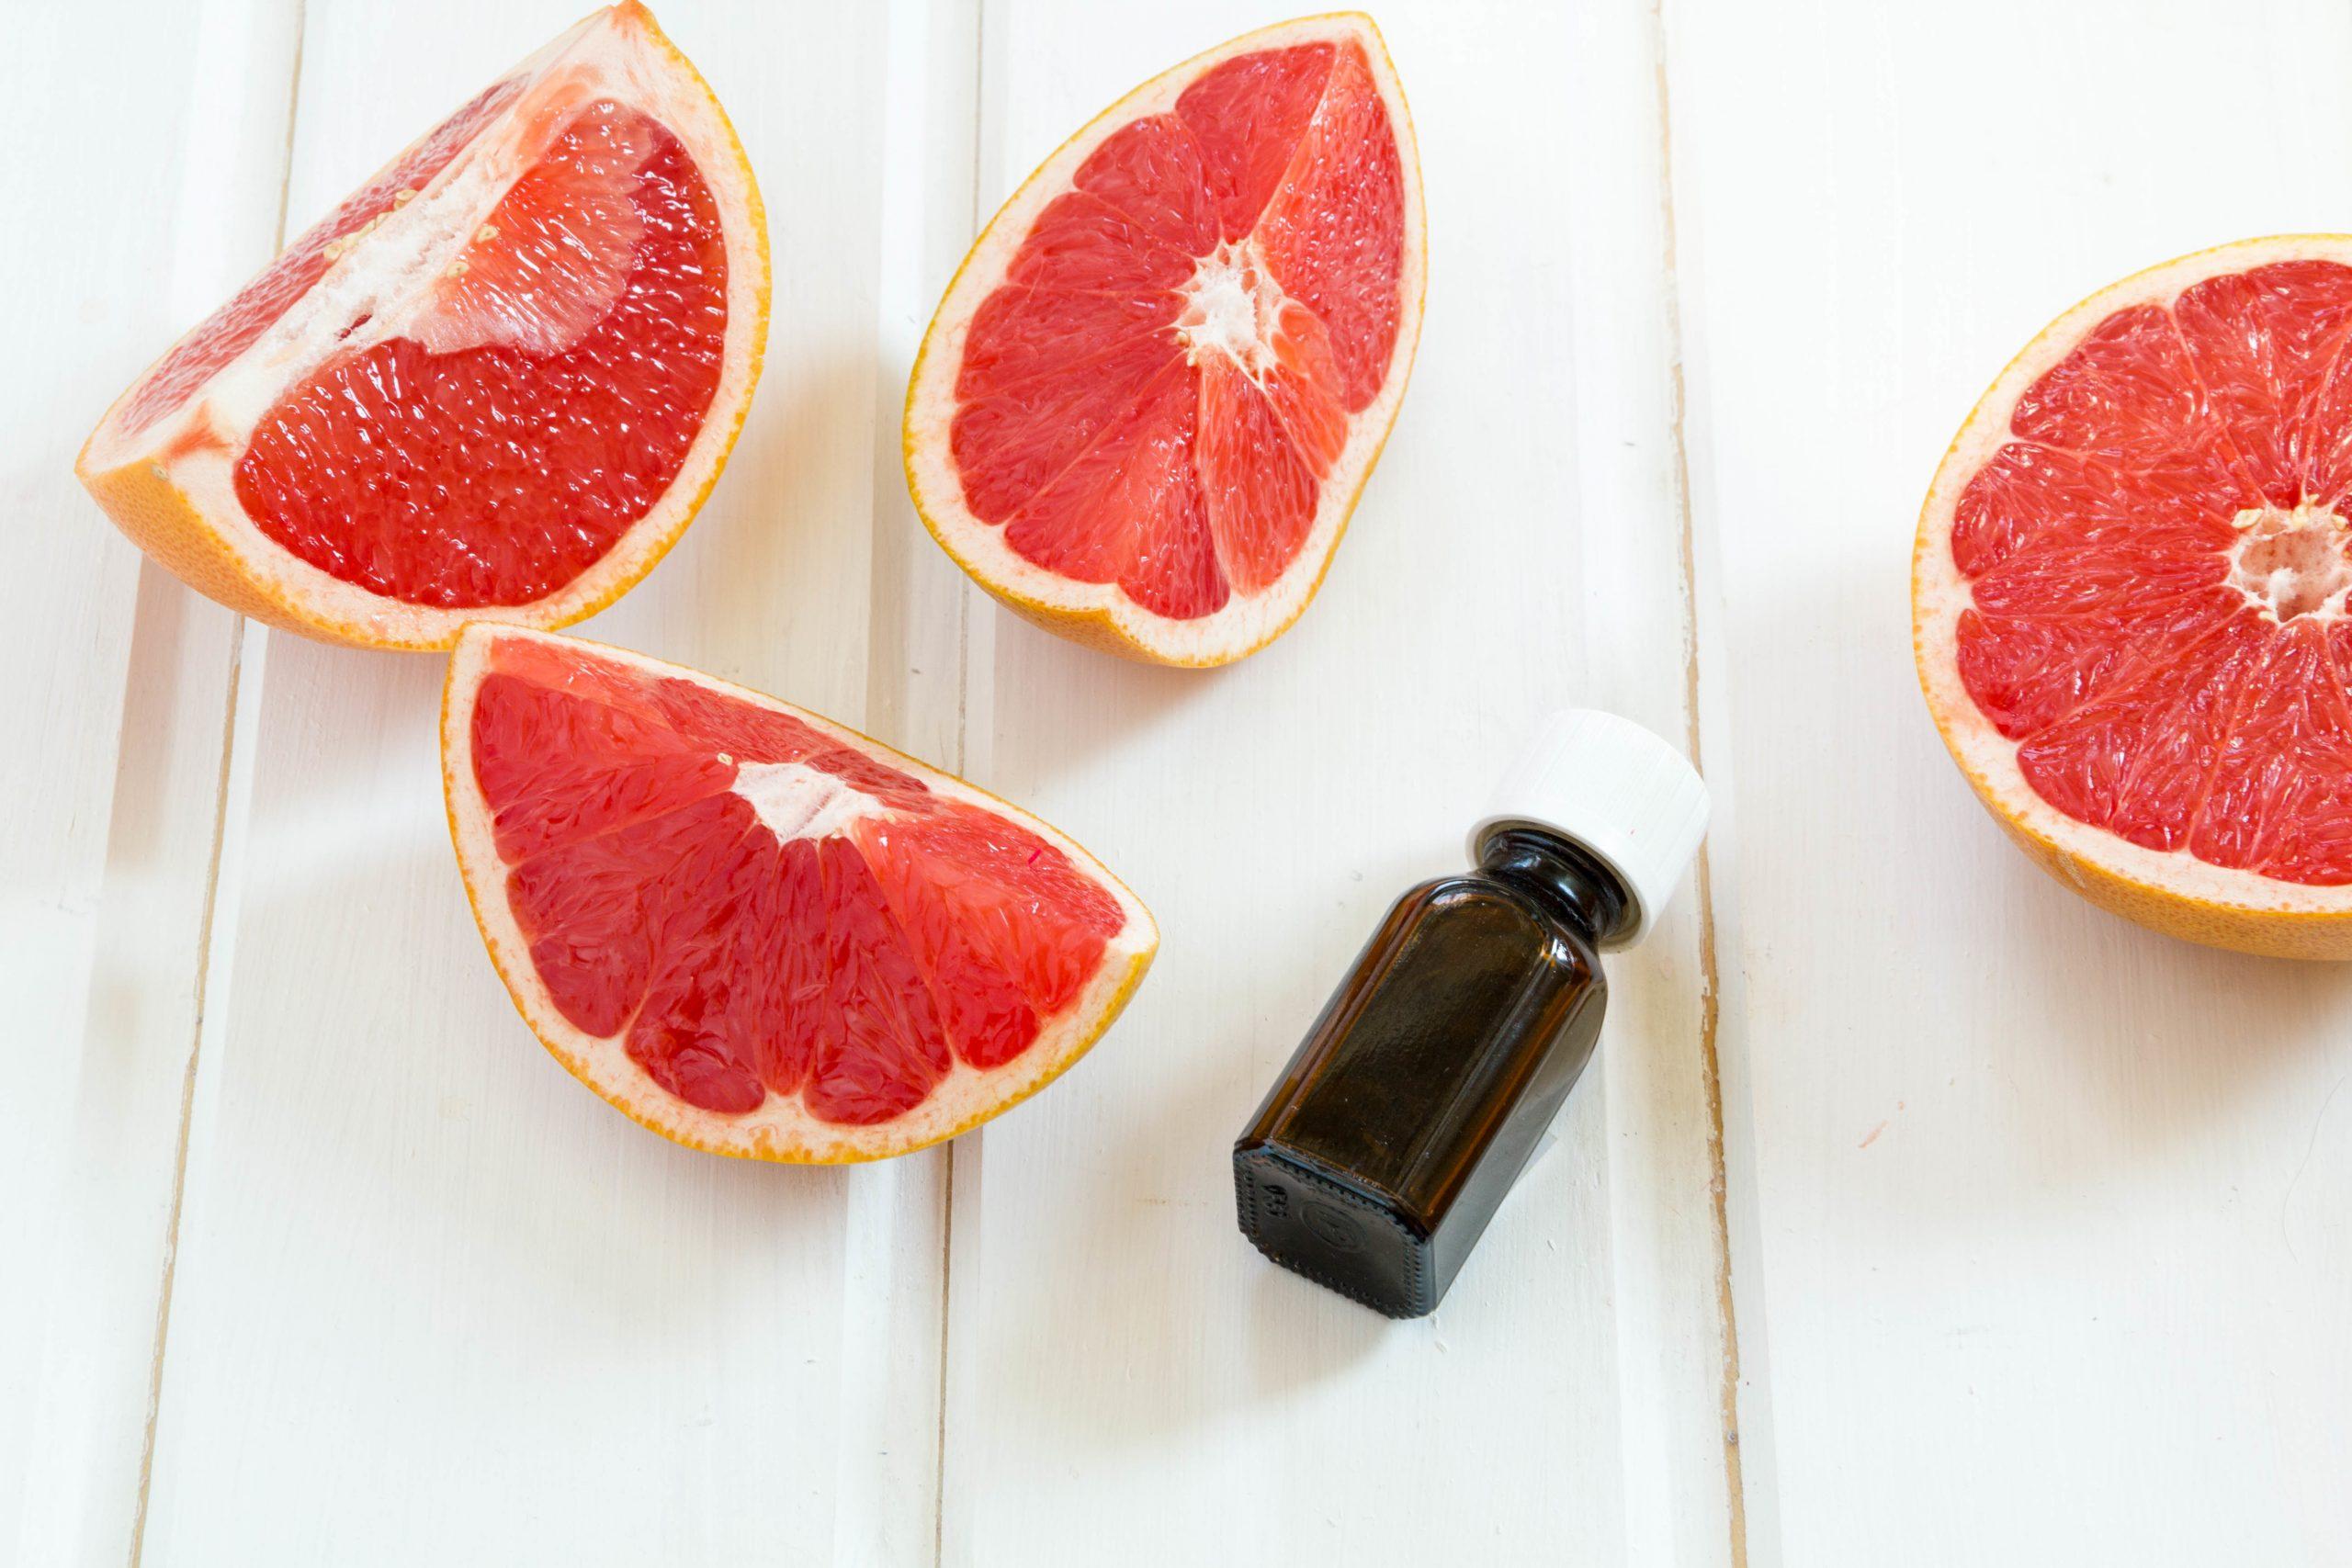 Grapefruitkernextrakt: Test, Wirkung, Anwendung & Studien (01/21)